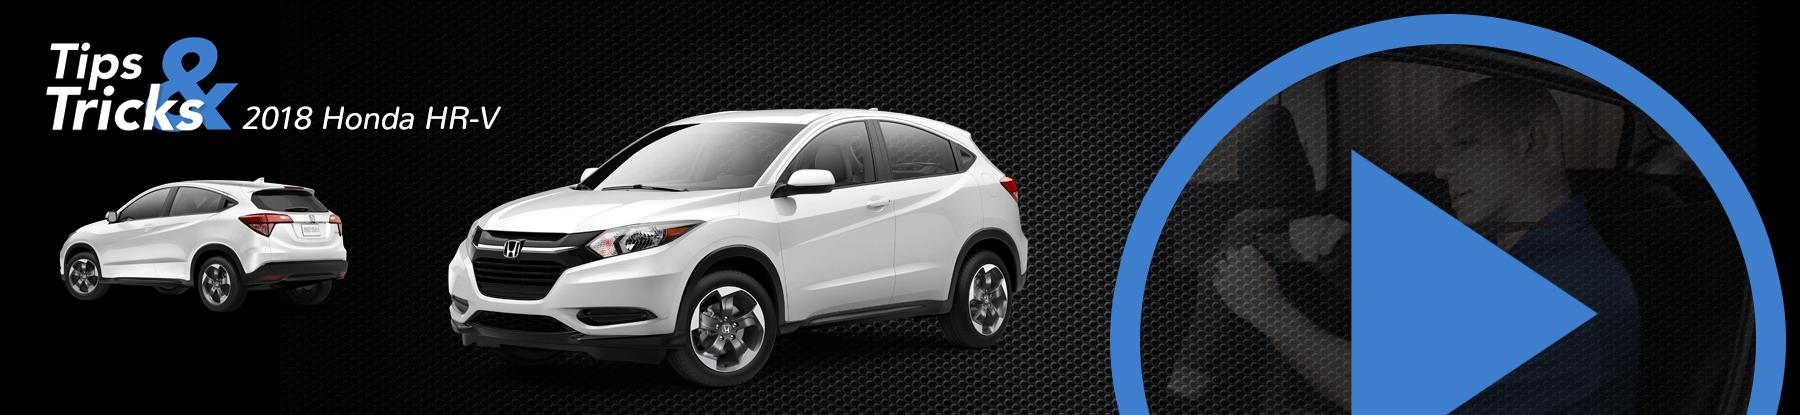 Honda HR-V Tips and Tricks Banner